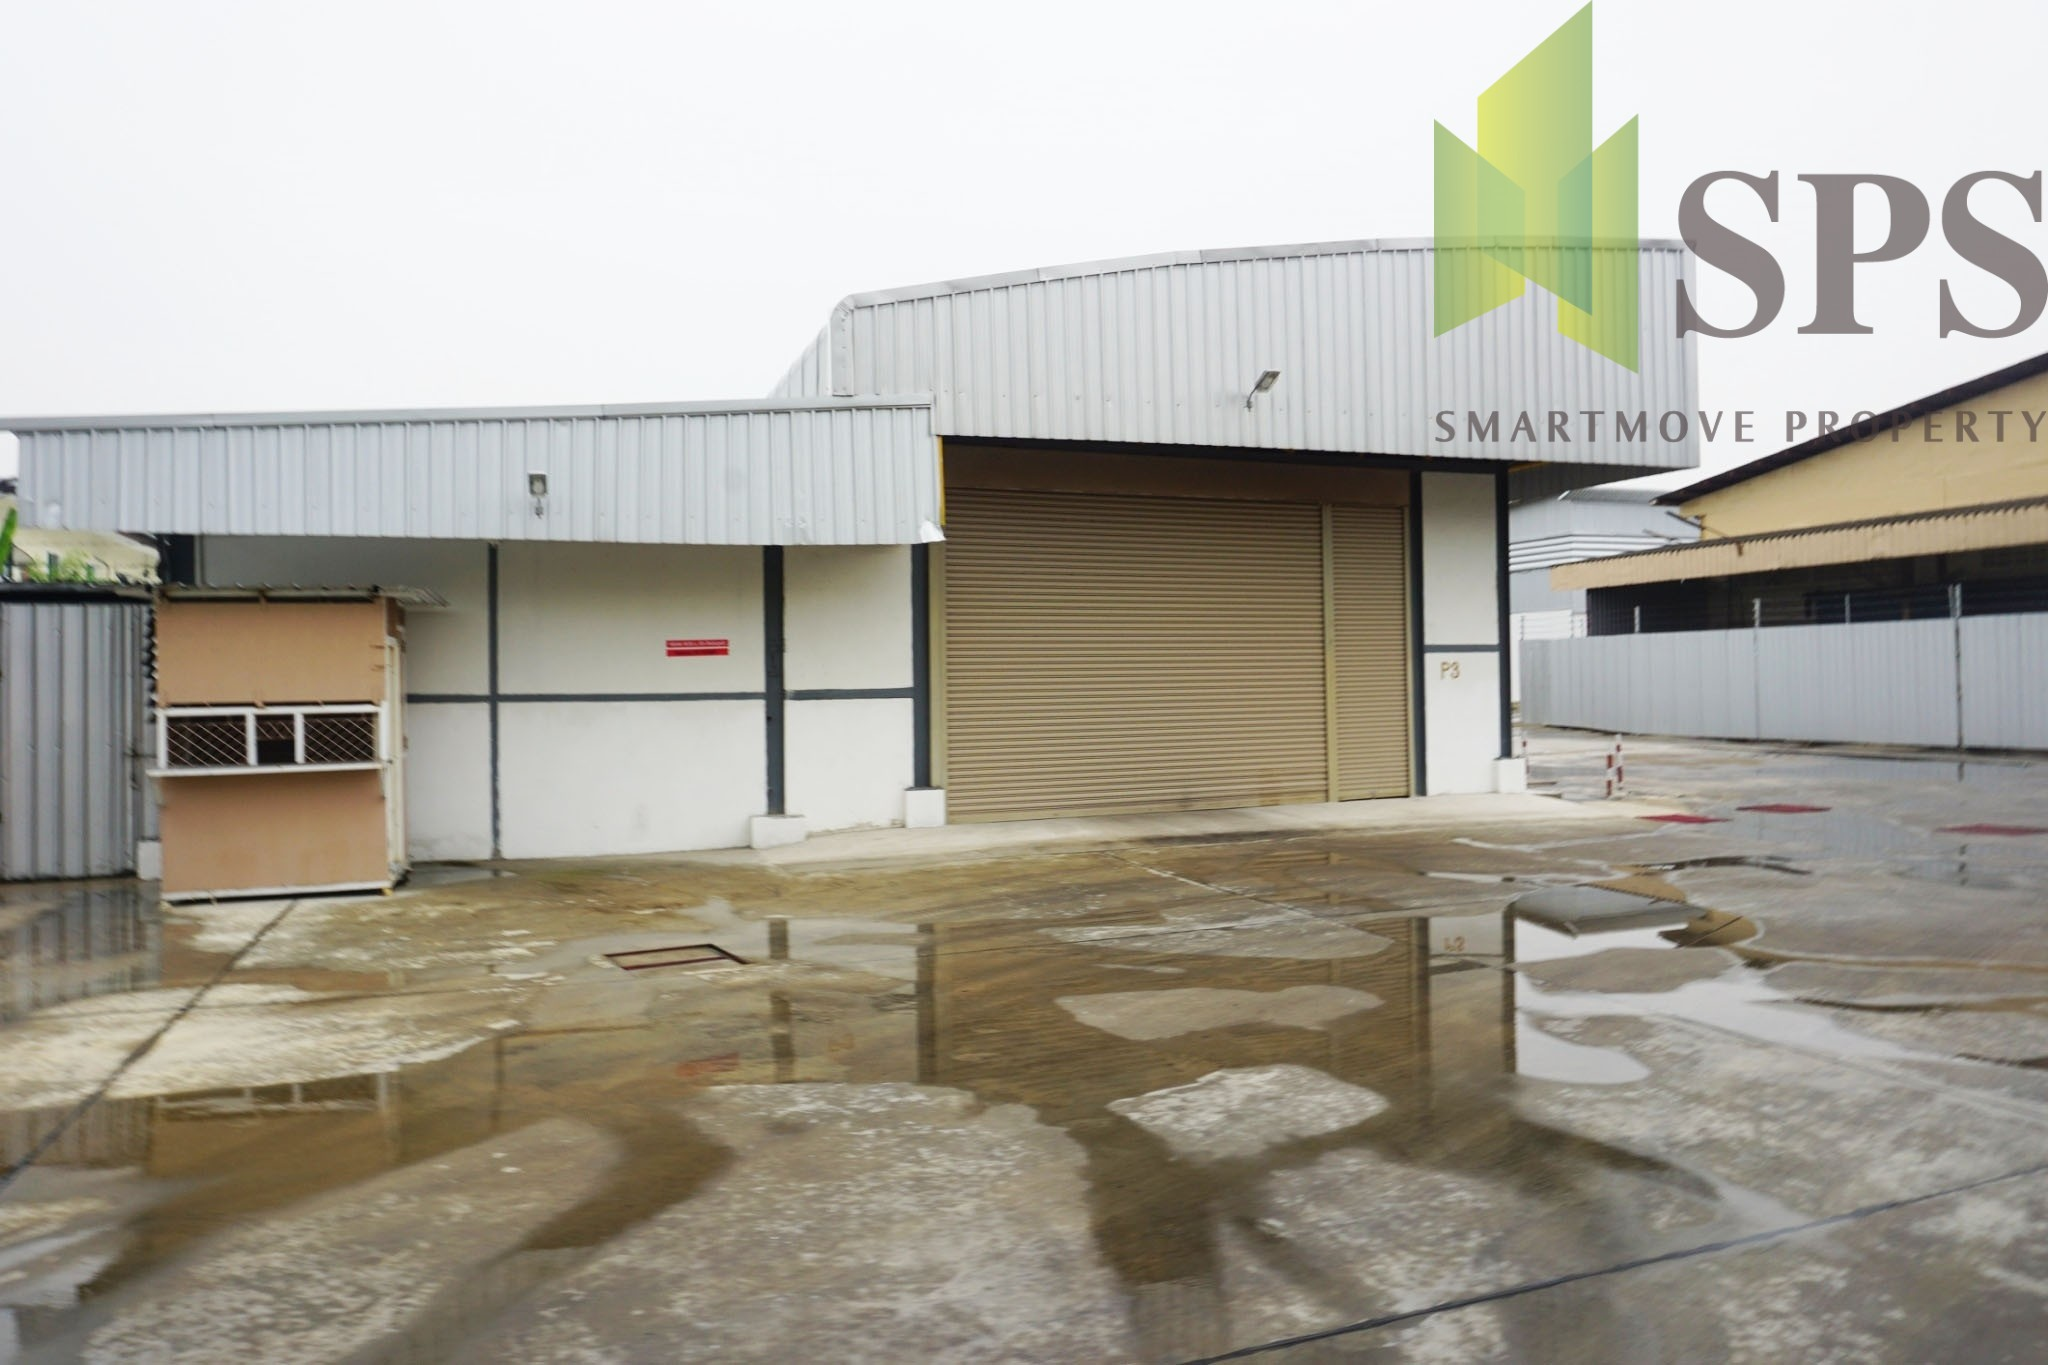 โกดังให้เช่าในซอยอ่อนนุช 17 For Rent Warehouse Soi Onnut 17 ( SPSPE250)